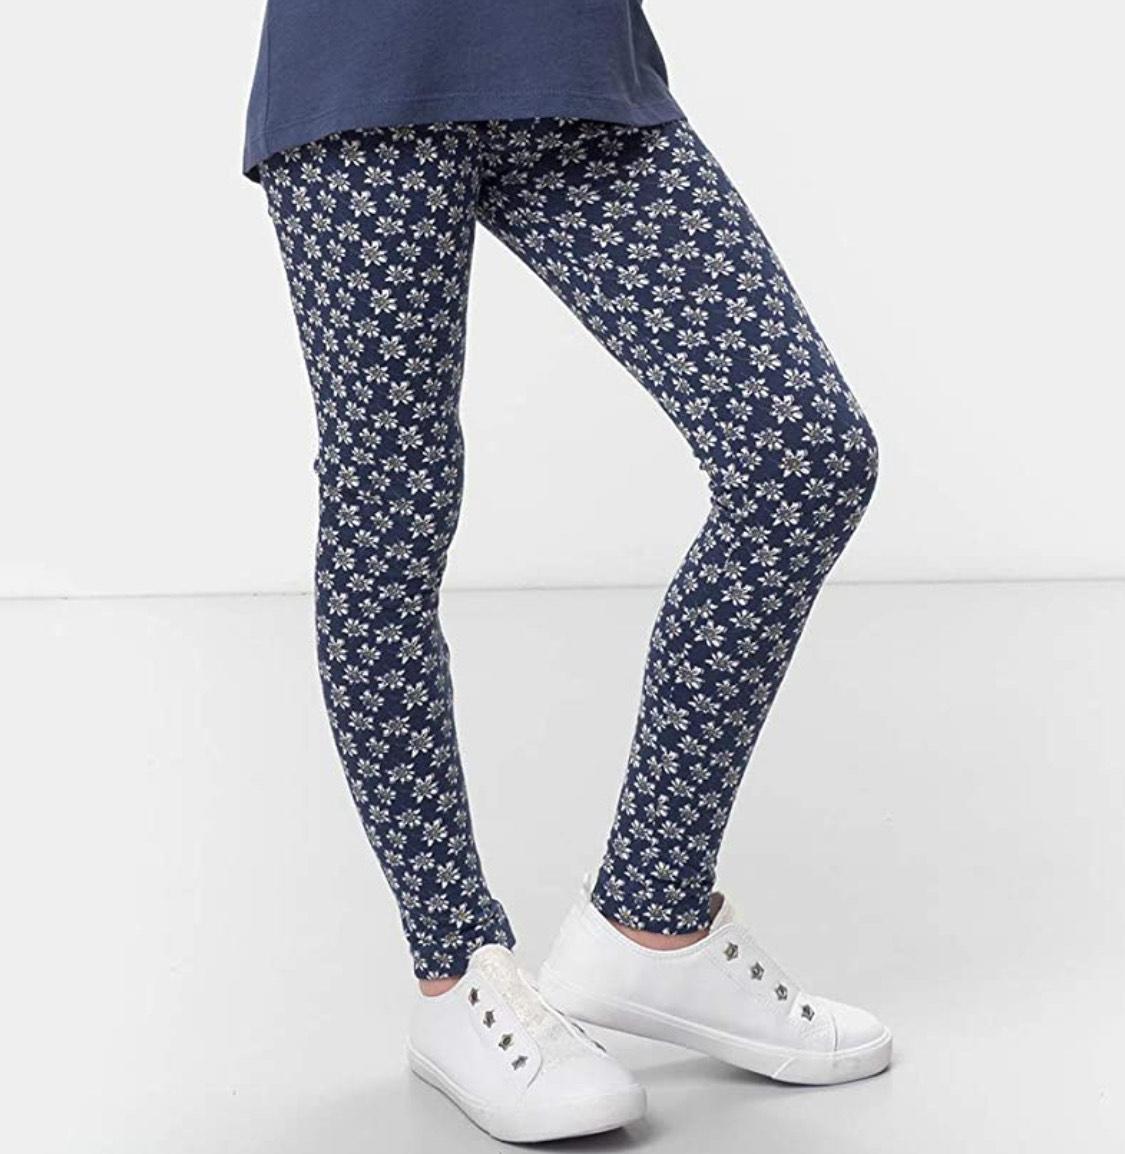 Pantalón leggings infantil bio talla 2 años (otros modelos distintos a 6€)